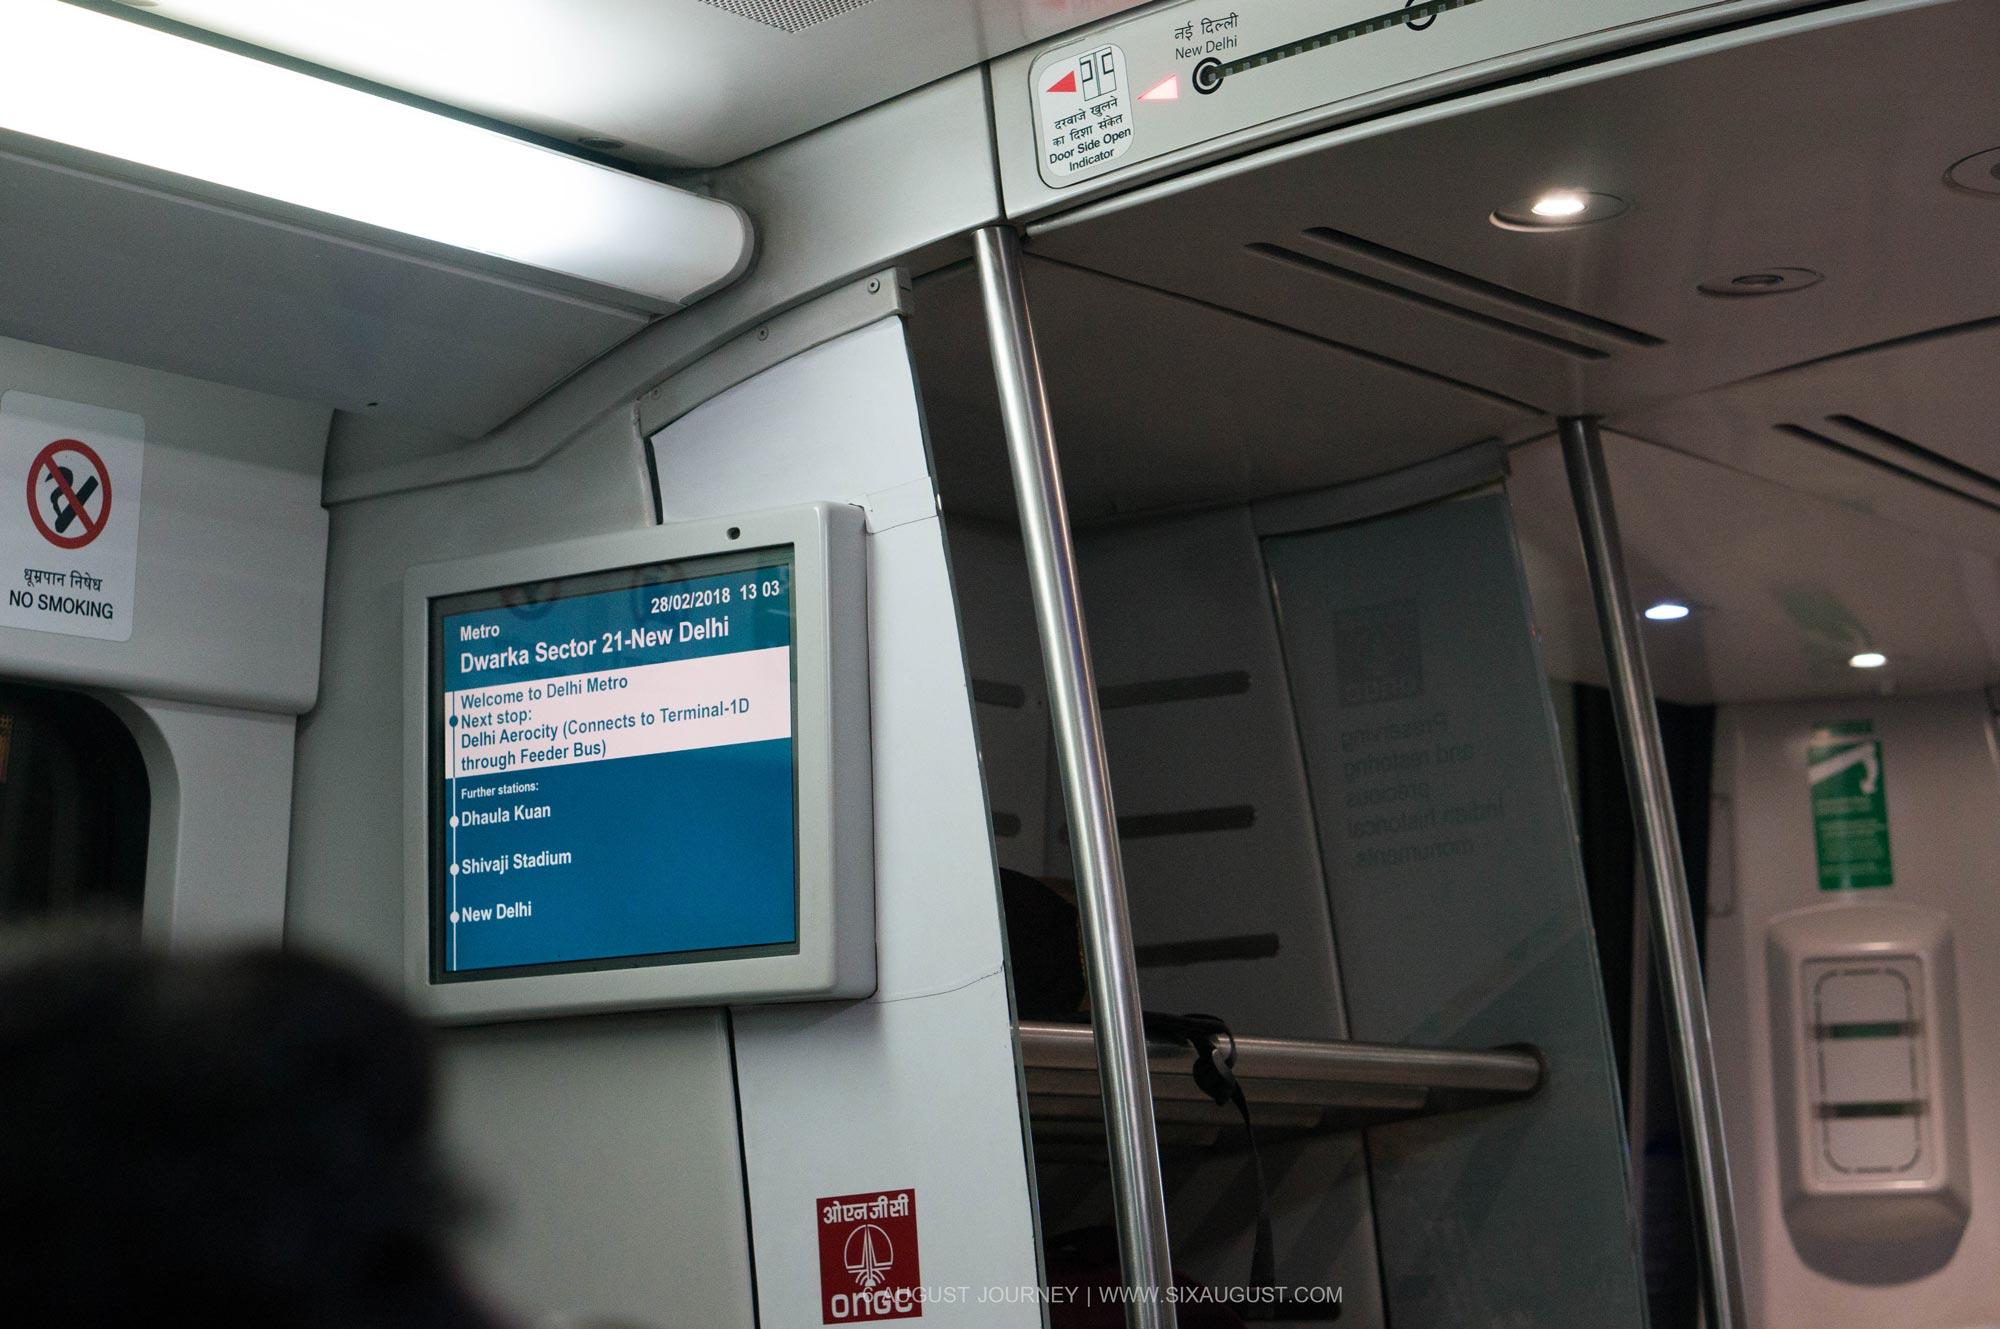 บรรยากาศรถในรถไฟ Airport Express Metro